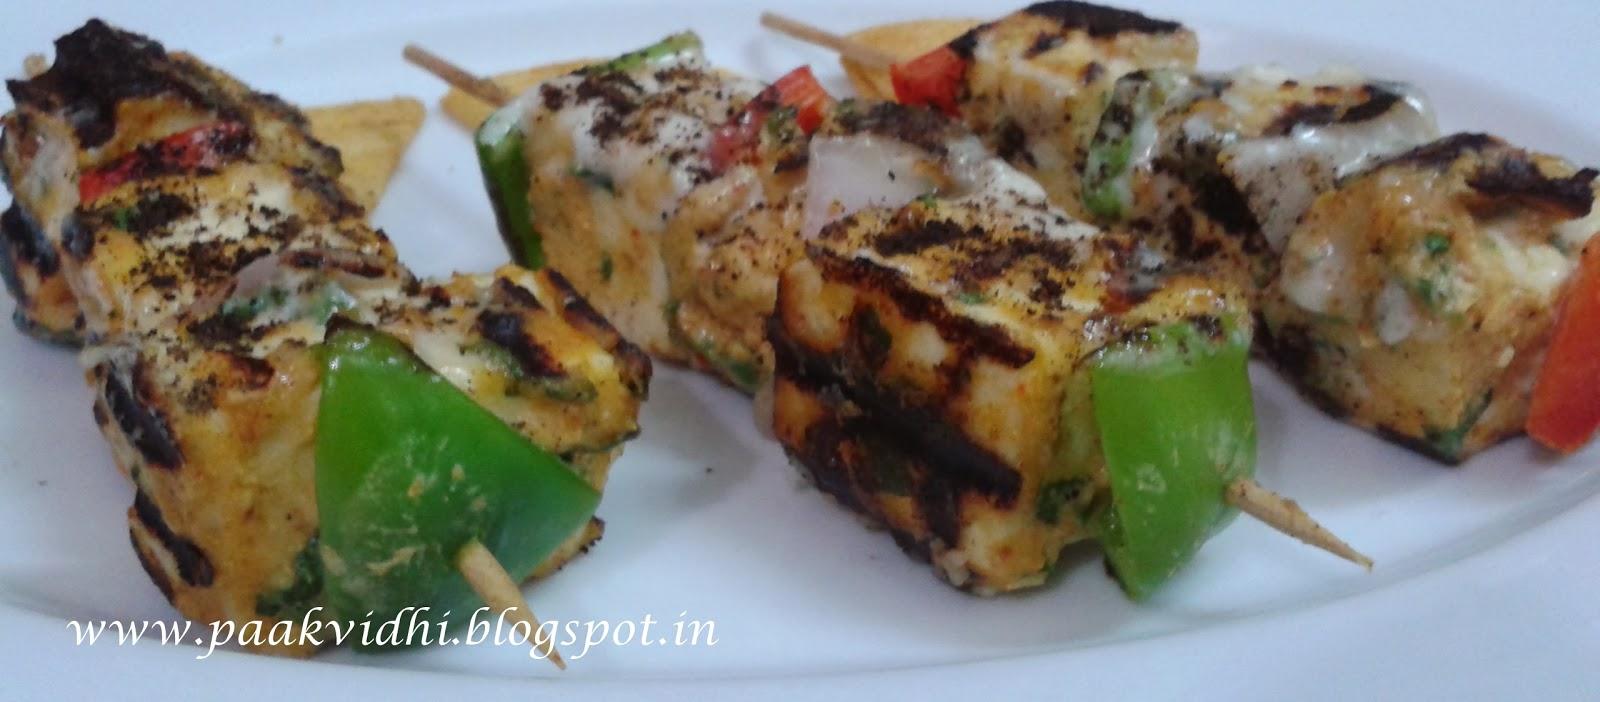 http://paakvidhi.blogspot.in/2014/02/cheese-tikka-paneer-tikka.html